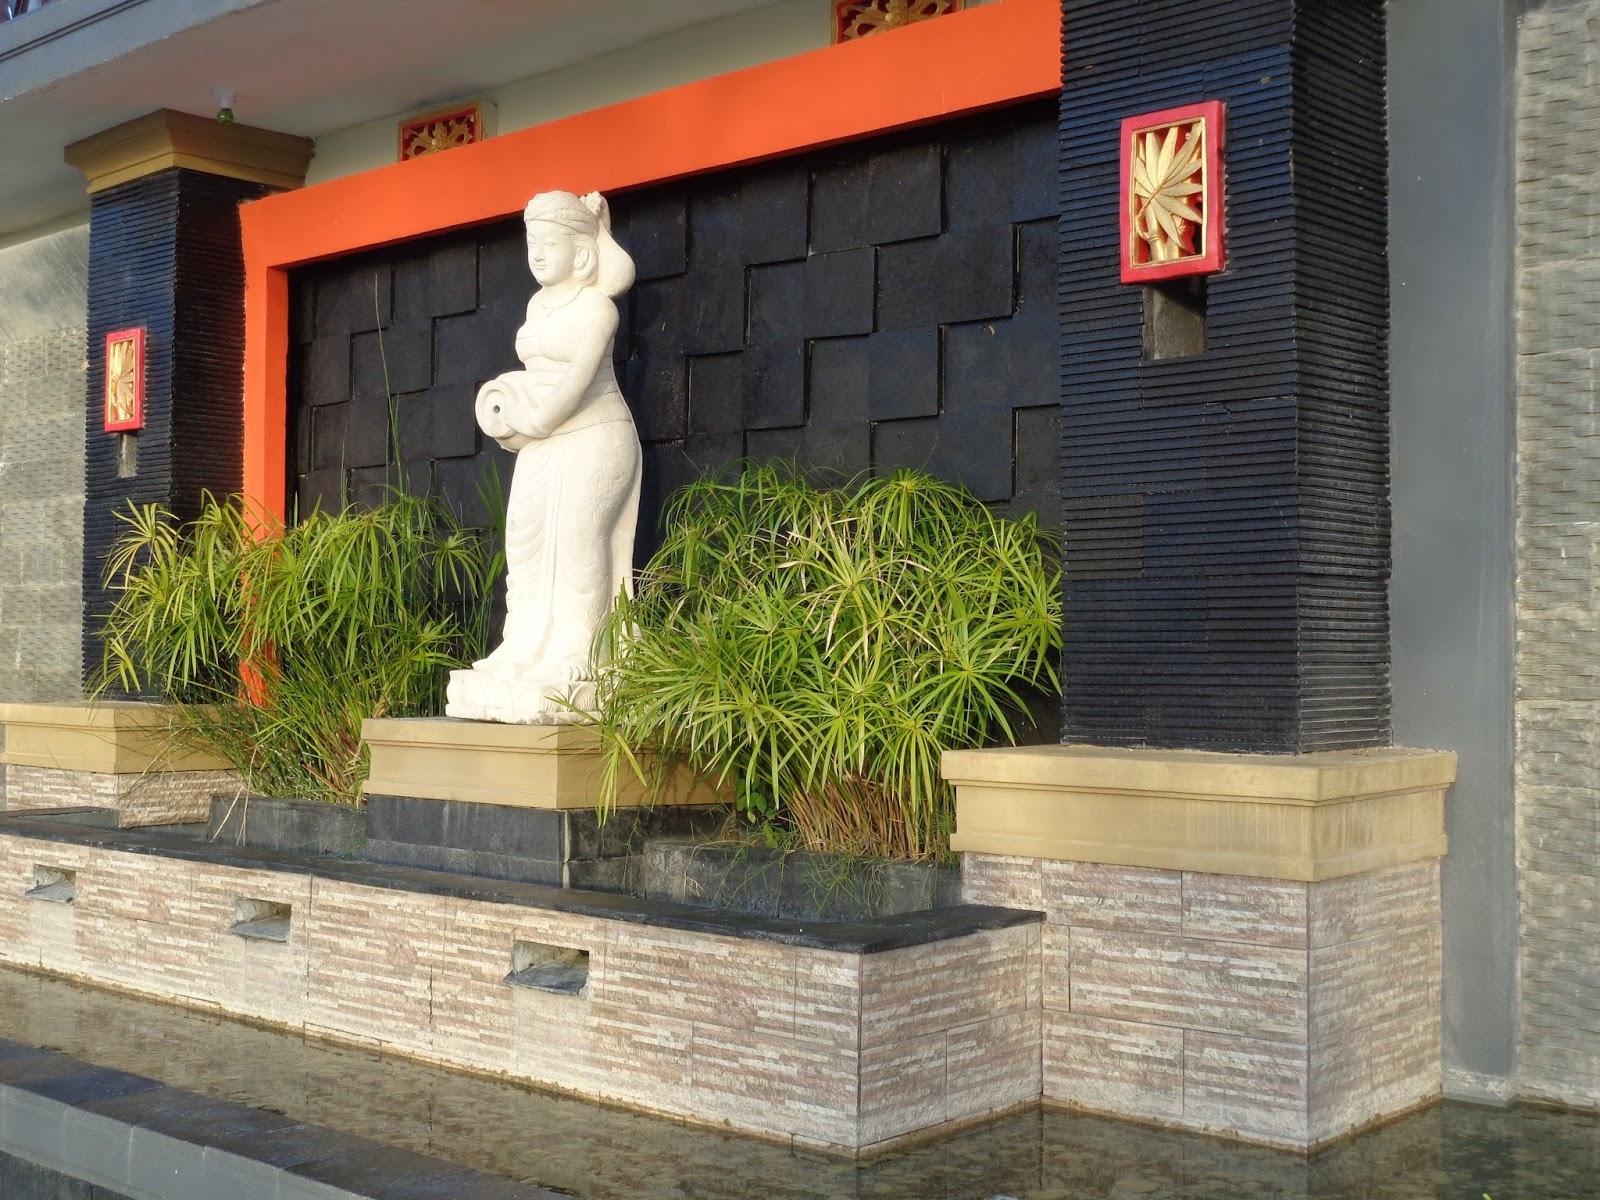 Taman Nosarara Nosabatutu Gong Perdamaian Great Photo Indonesia Patung Bali